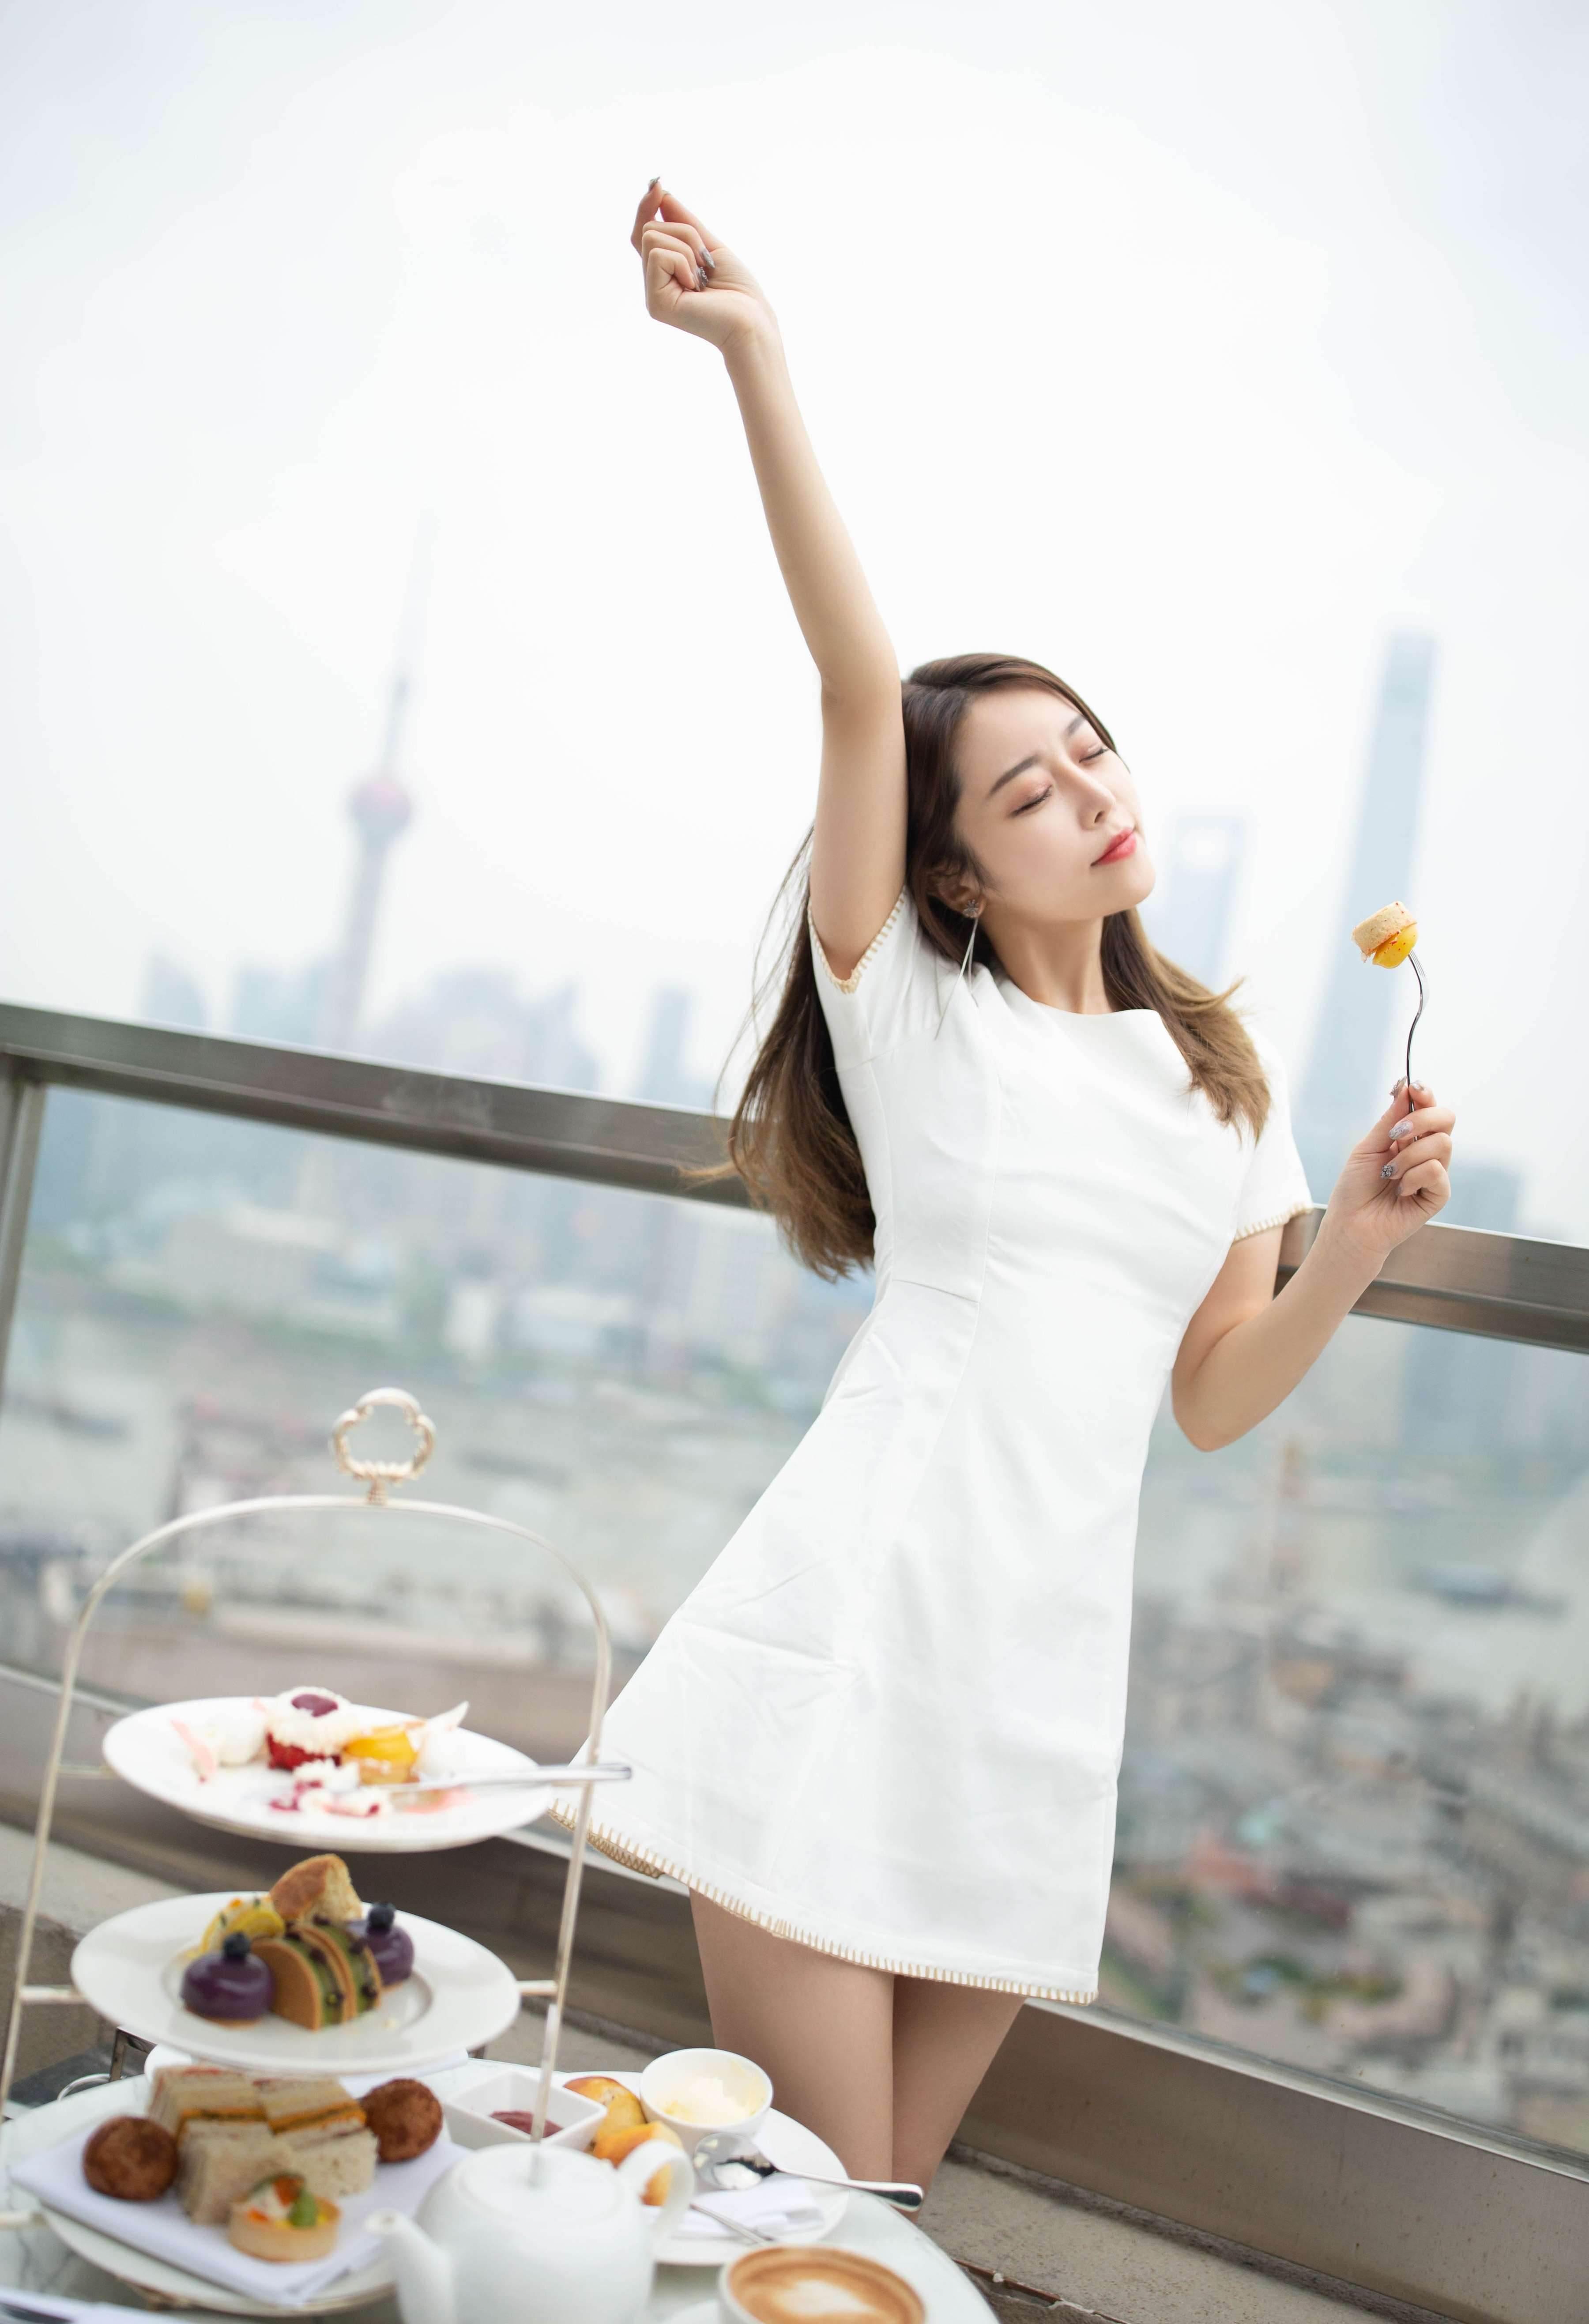 第61期女友的下午茶夏诗诗(丝袜,高跟)_图片3